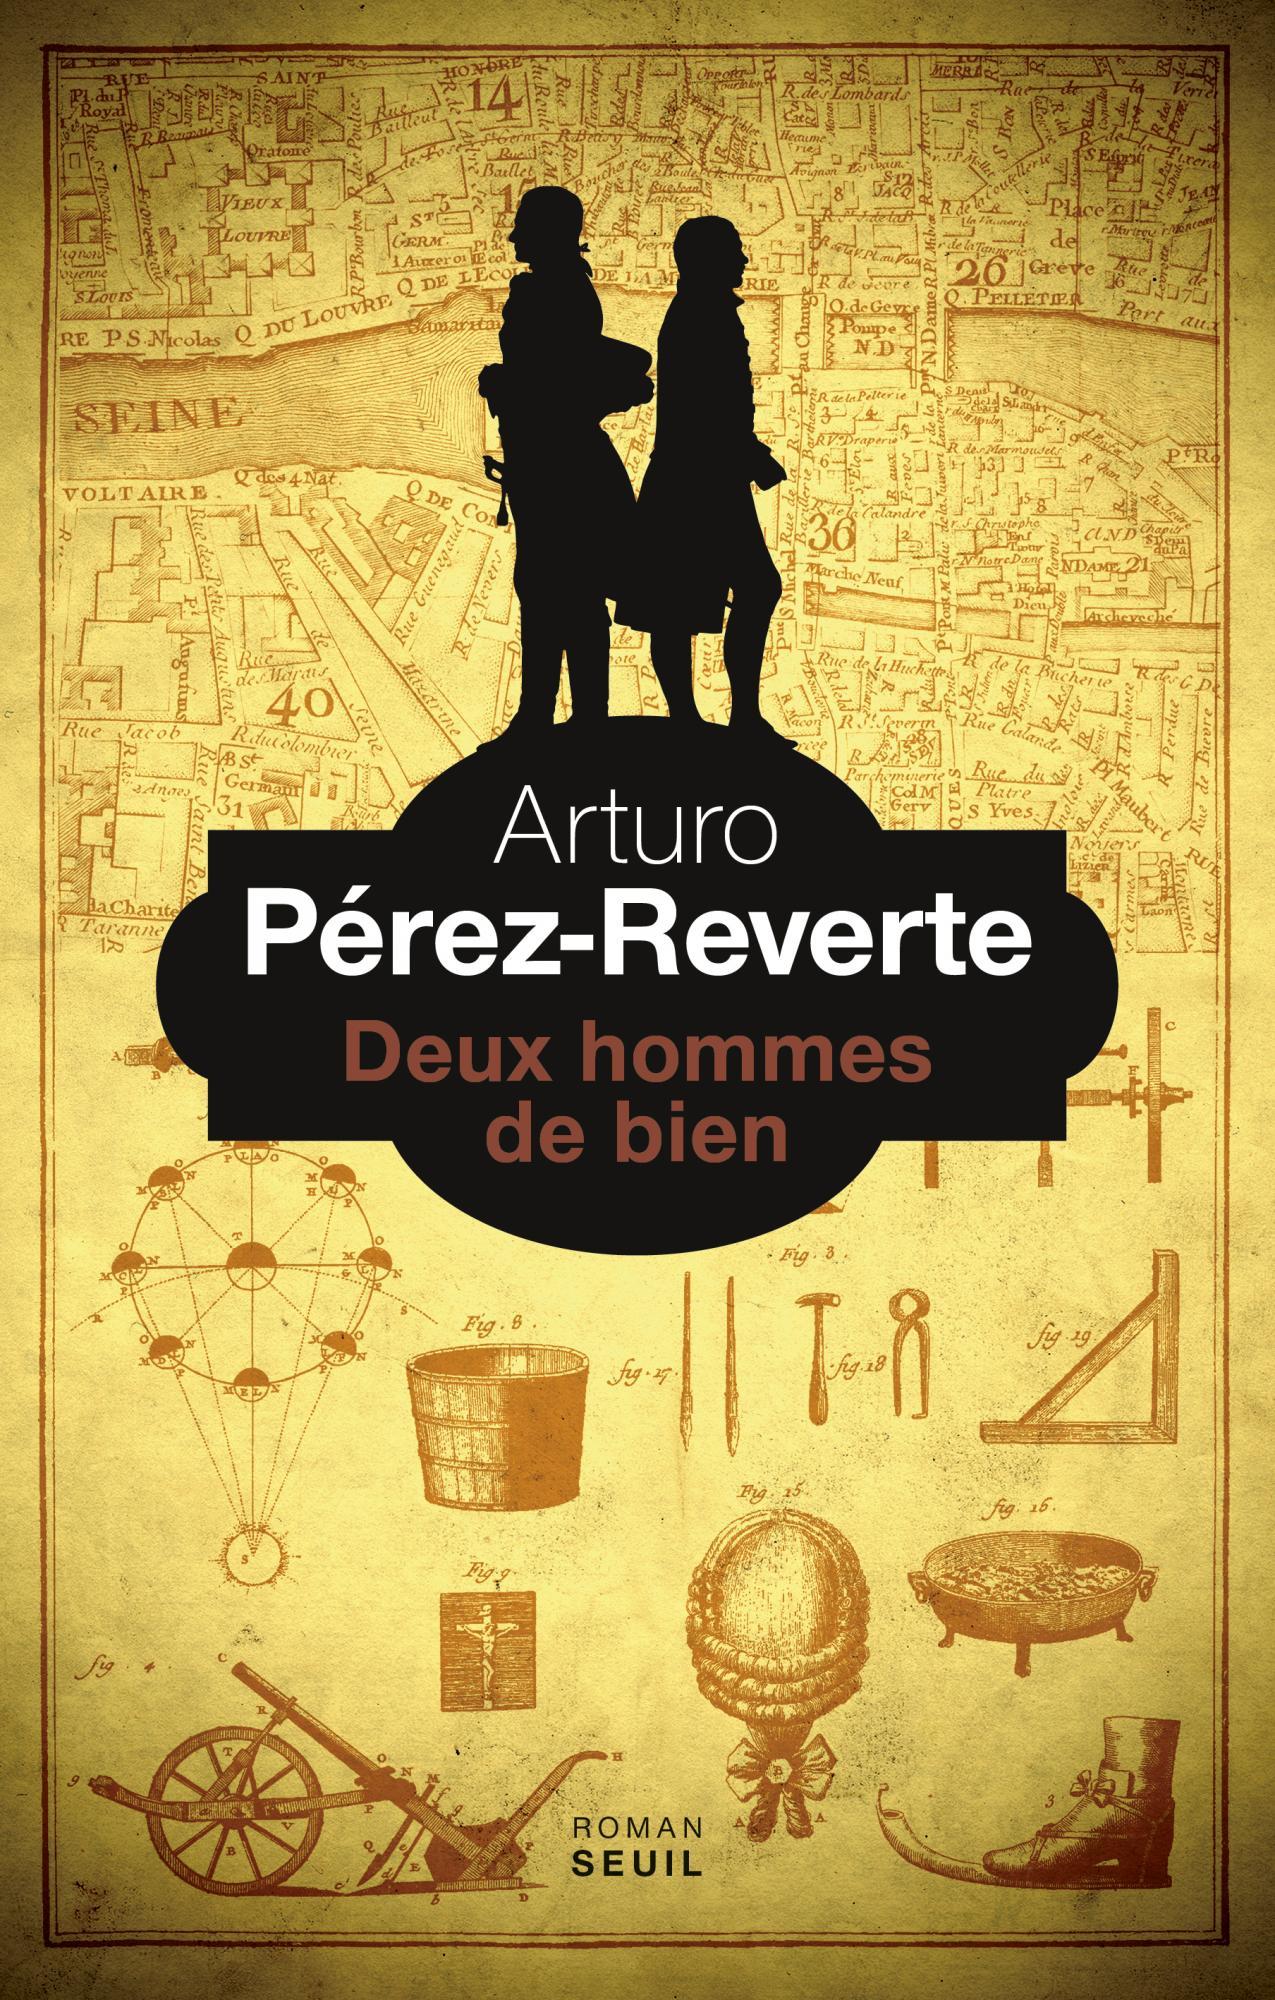 Arturo Perez-Reverte (2017) - Deux hommes de bien